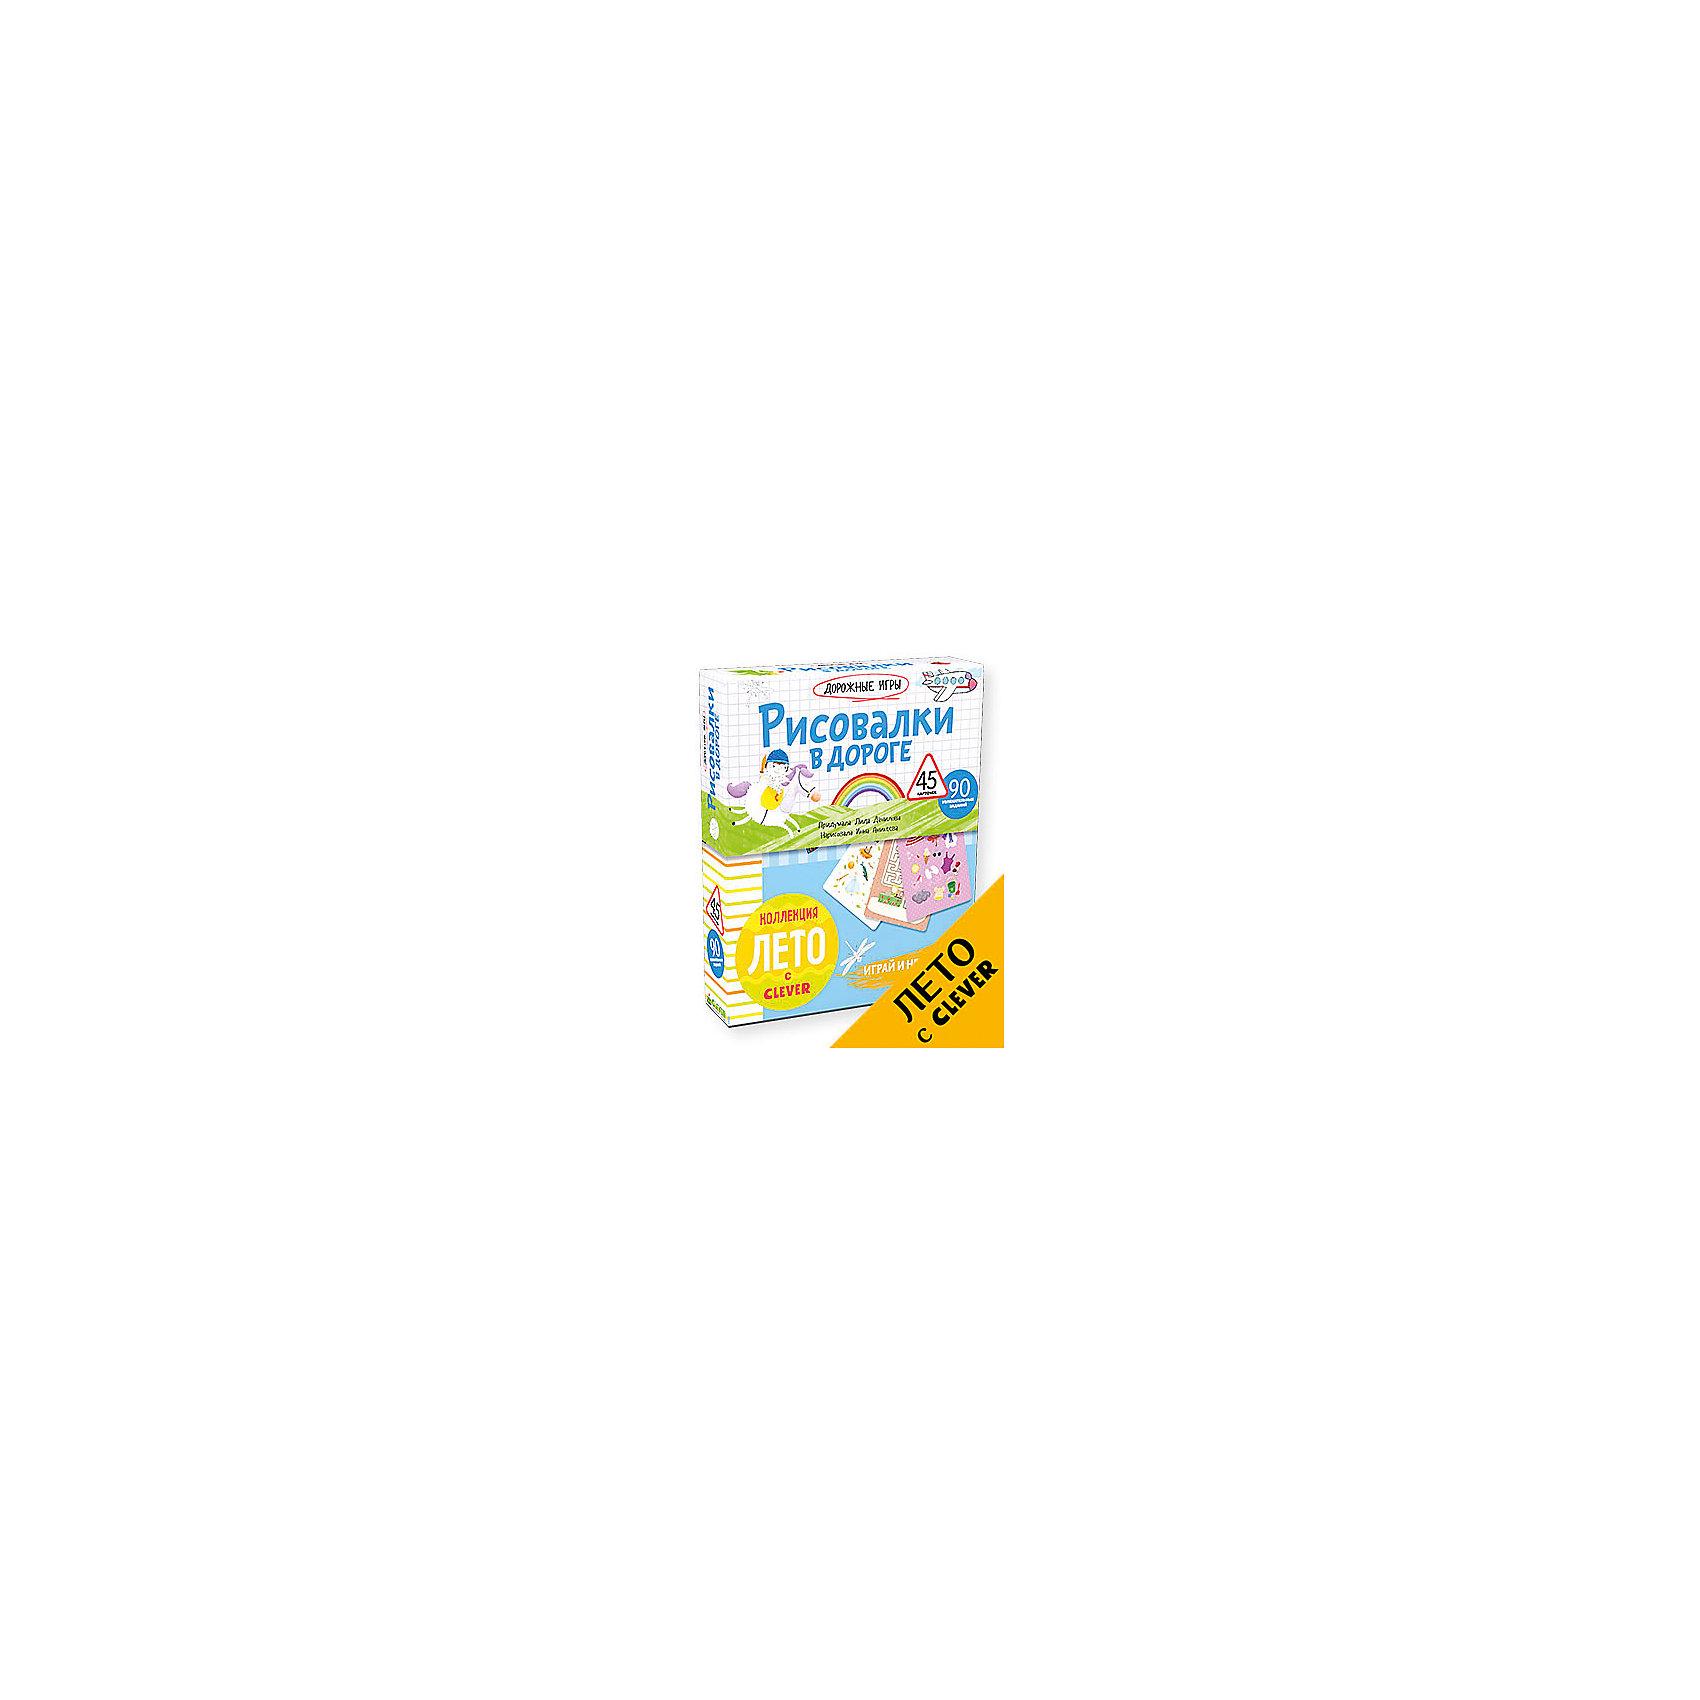 Рисовалки в дороге, CleverРисование<br>Характеристики товара:<br><br>• ISBN: 9785906929525;<br>• возраст: от 4 лет;<br>• формат: 70х100/32;<br>• бумага: картон;<br>• тип обложки: Box;<br>• оформление: текстильные и пластиковые вставки;<br>• иллюстрации: цветные;<br>• серия: Возьми с собой в дорогу;<br>• коллекция: Лето;<br>• издательство: Клевер Медиа Групп, 2017 г.;<br>• автор: Данилова Лидия;<br>• художник: Аникеева Инна;<br>• количество страниц: 90;<br>• размеры: 16,5х12,8х2,8 см;<br>• масса: 282 г.<br><br>Сборник задачек «Рисовалки в дороге» подходит для мальчиков и девочек от 4 лет. Внутри плотной коробки находятся 45 карточек и 90  заданий. Забавные калякалки-малякалки, рисовалки, находилки, бродилки, лабиринты и другие веселые задания надолго увлекут малышей. <br><br>Интересные задания развивают фантазию, творческое мышление, воображение и креативность.<br><br>Набор удобно брать с собой на отдых и в дорогу.<br><br>Книгу «Рисовалки в дороге», Клевер Медиа Групп, Данилова Лидия, можно купить в нашем интернет-магазине.<br><br>Ширина мм: 145<br>Глубина мм: 115<br>Высота мм: 200<br>Вес г: 290<br>Возраст от месяцев: 48<br>Возраст до месяцев: 72<br>Пол: Унисекс<br>Возраст: Детский<br>SKU: 6709197